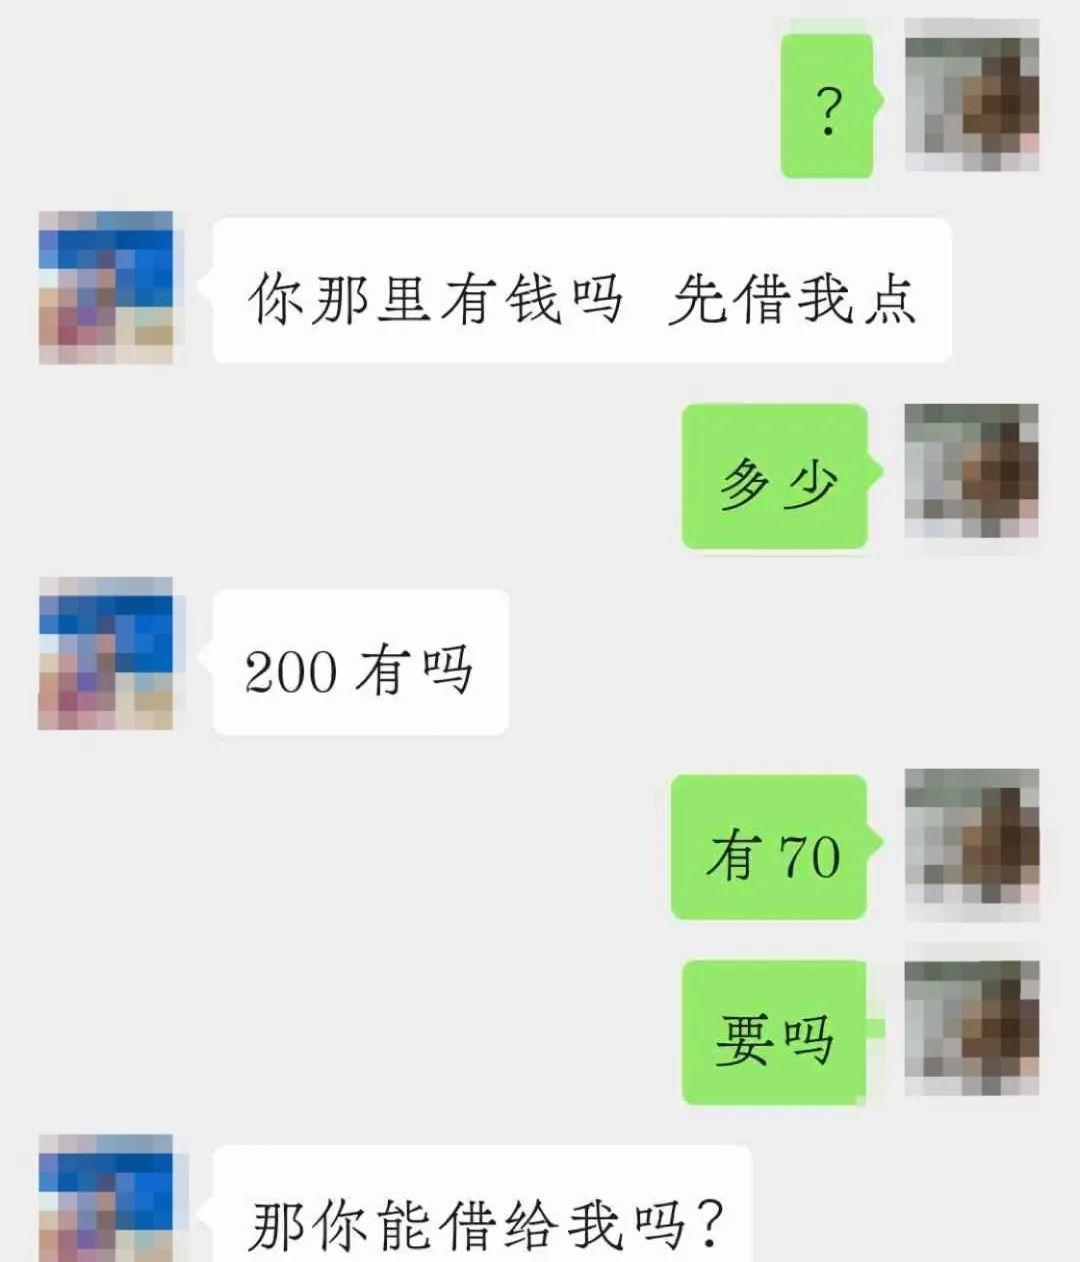 微信发布重要提醒插图6